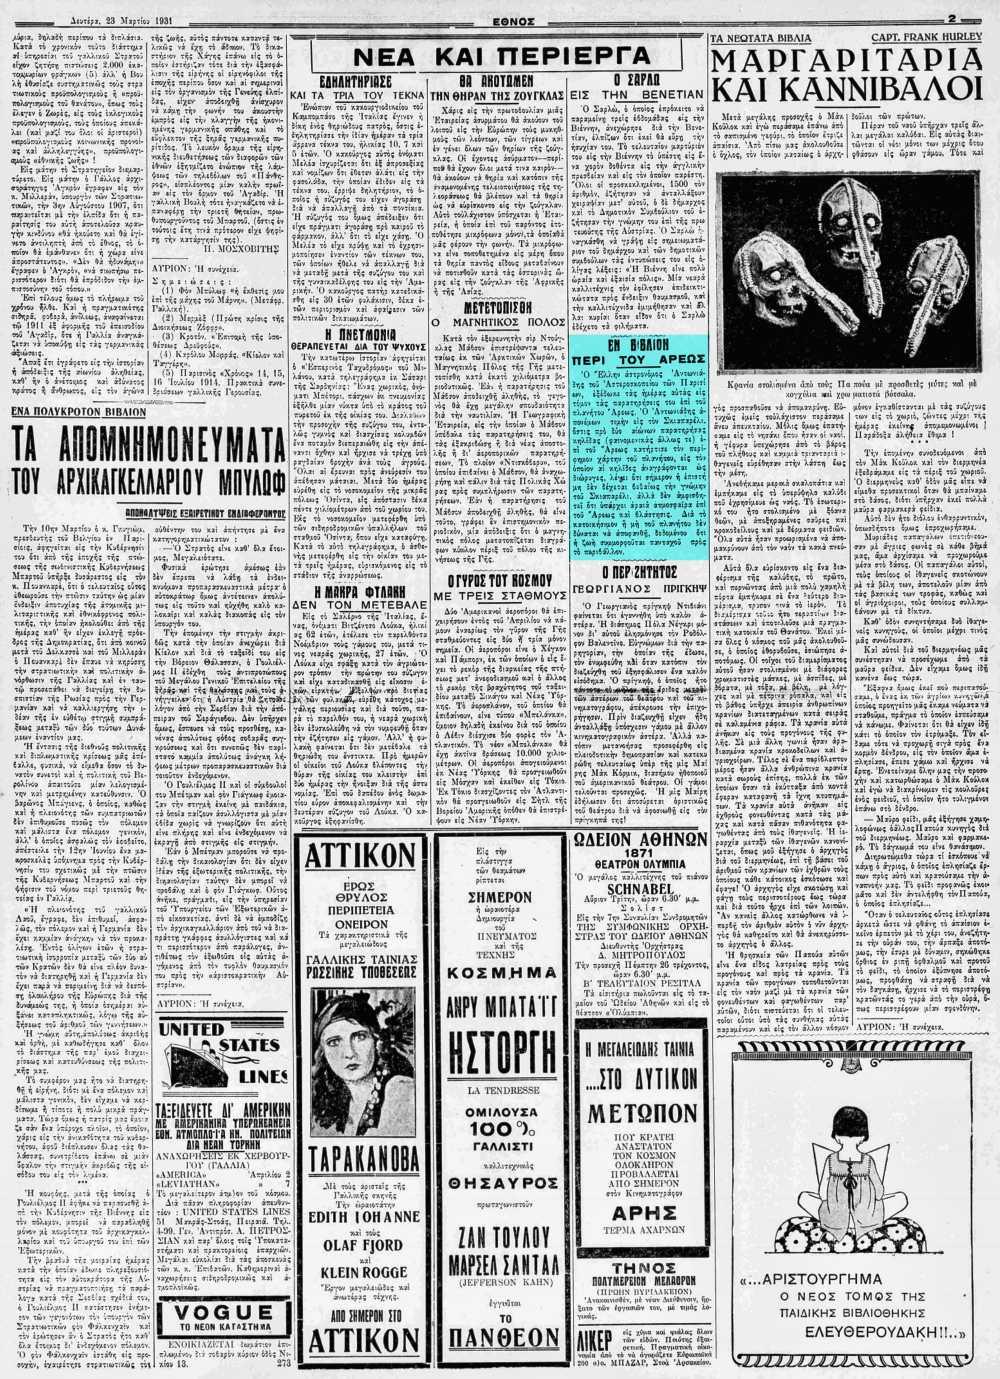 """Το άρθρο, όπως δημοσιεύθηκε στην εφημερίδα """"ΕΘΝΟΣ"""", στις 23/03/1931"""